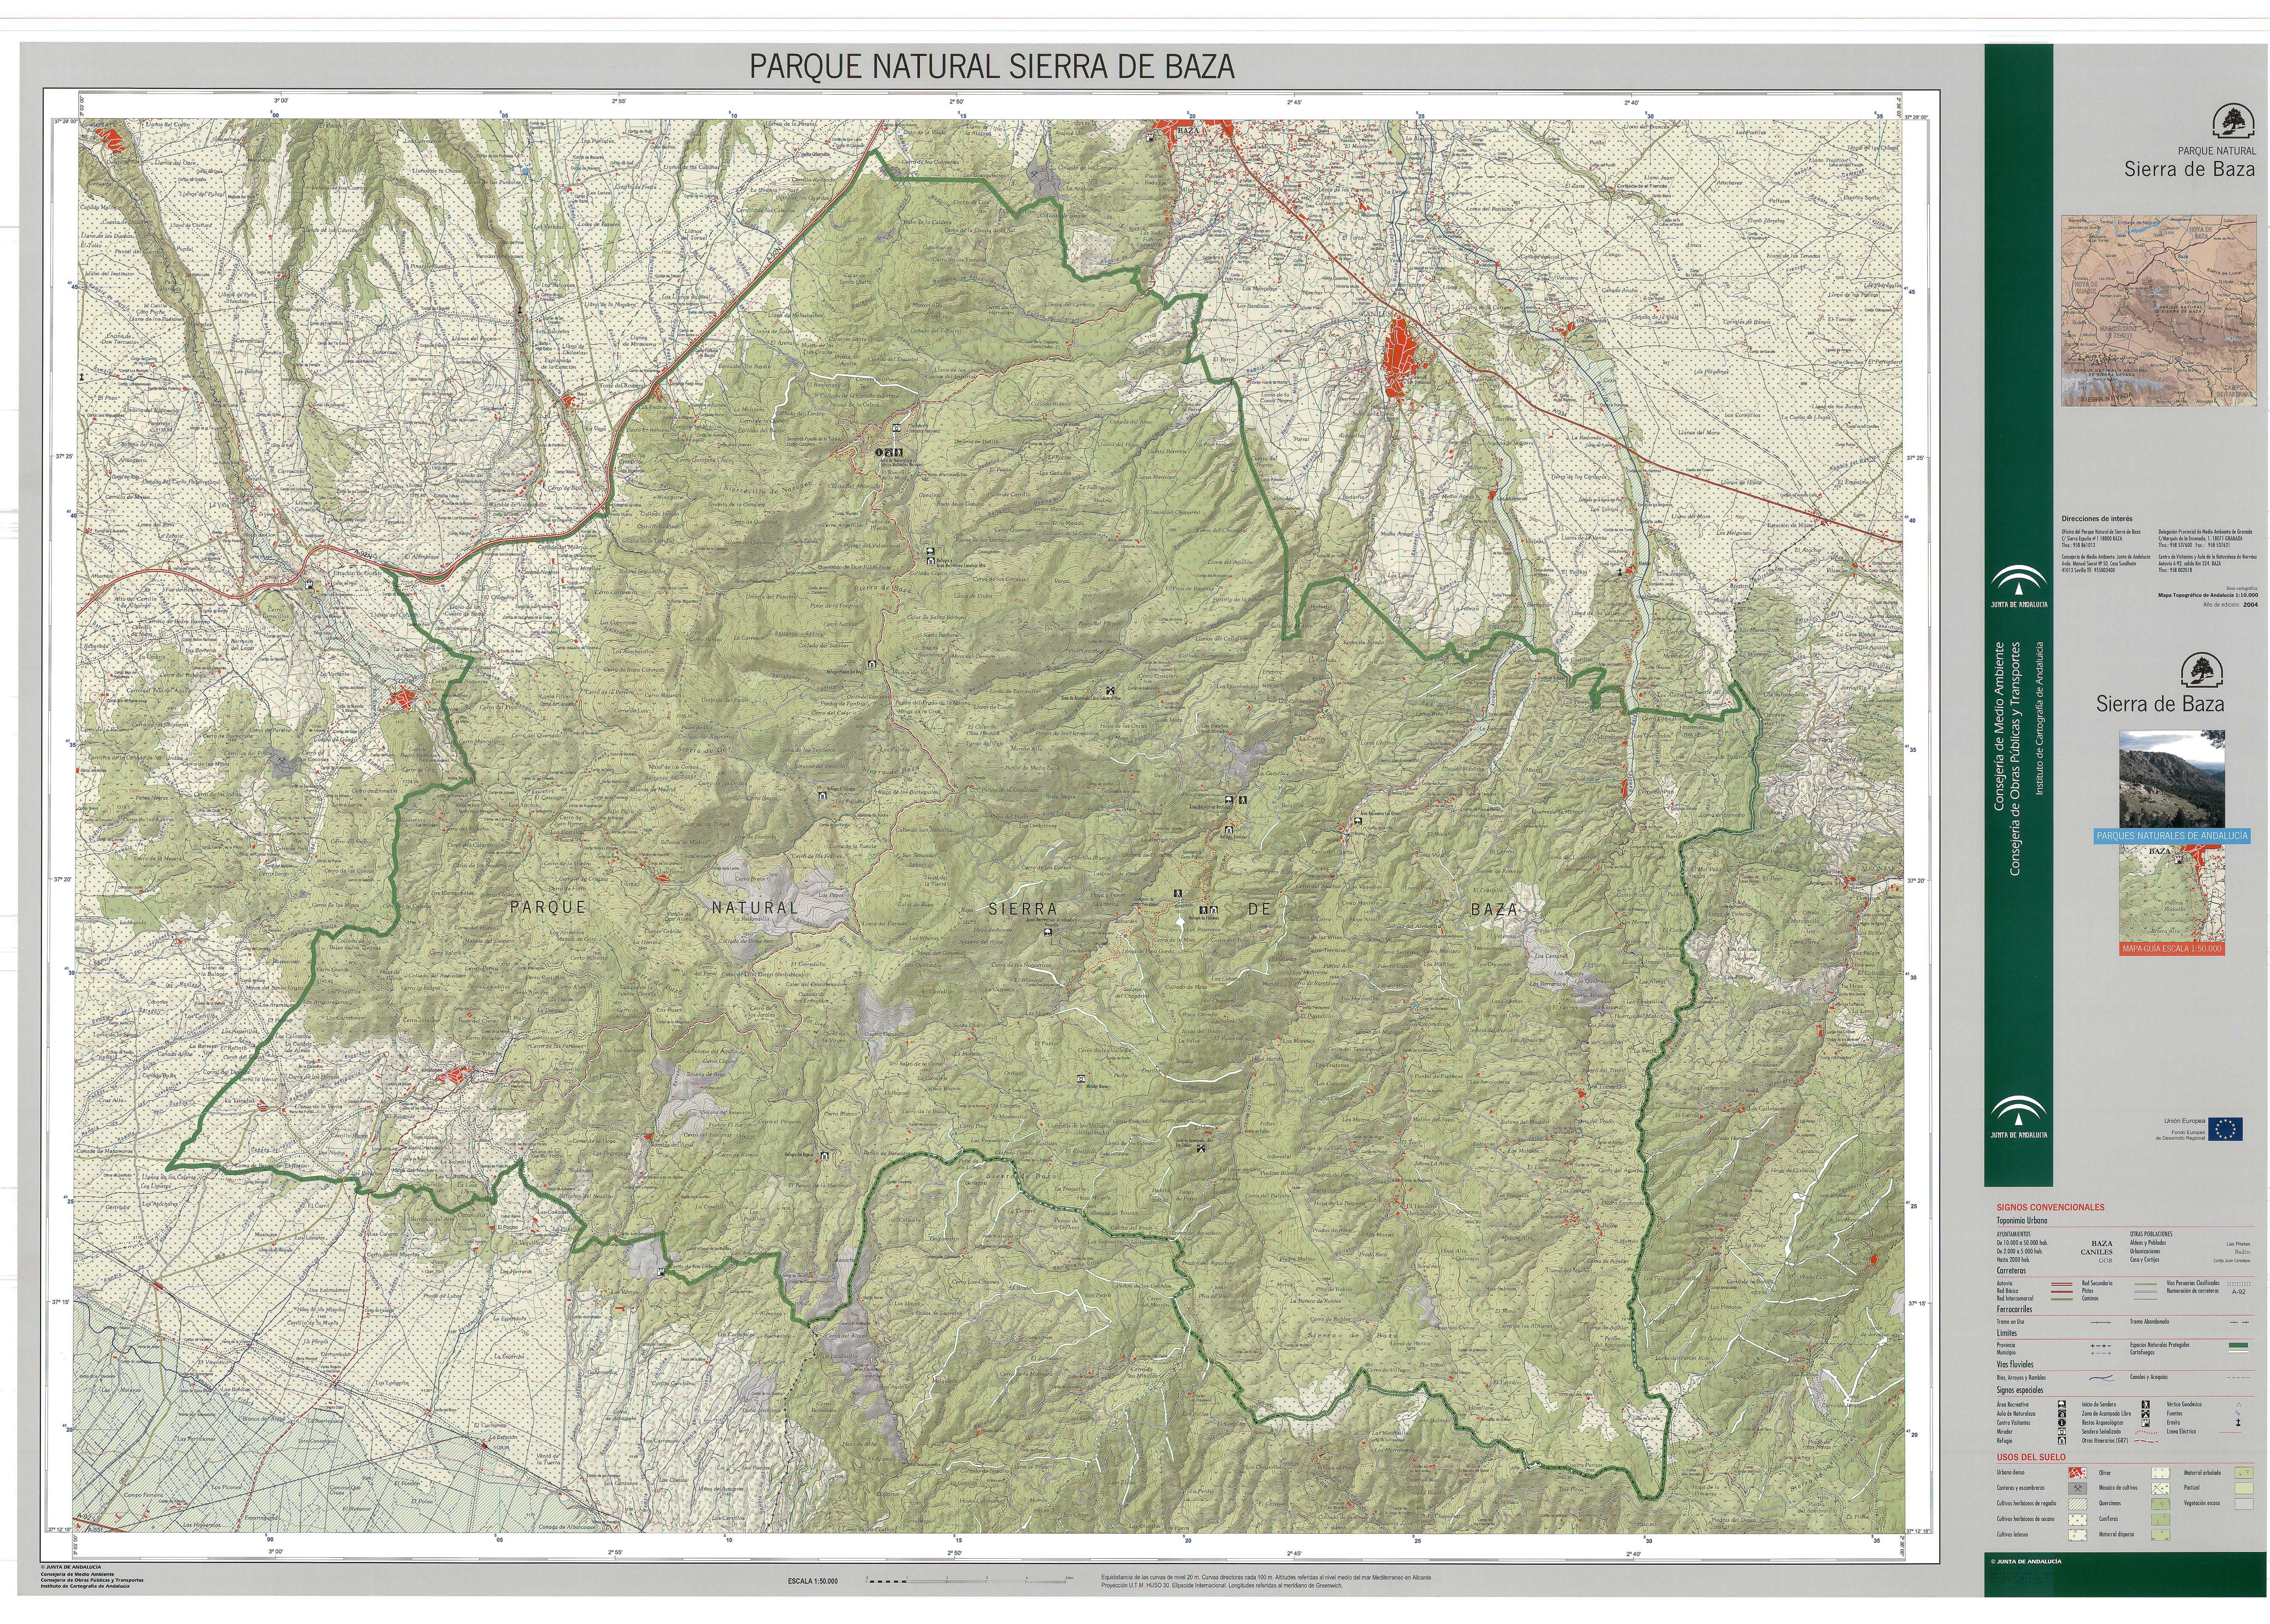 Parque Natural de la Sierra de Baza 2004